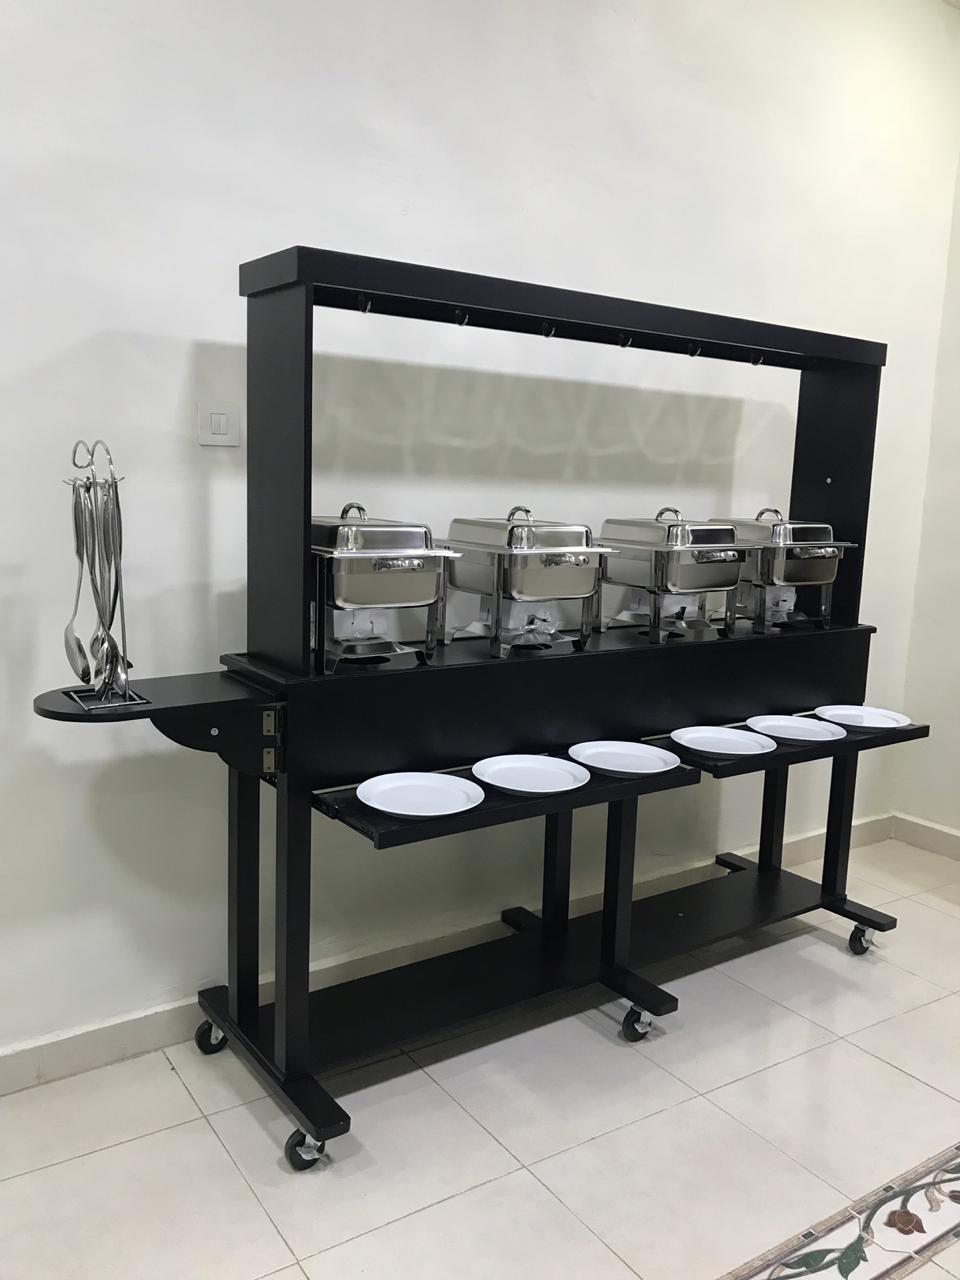 طاولة البوفيه المضيئه الجوهره بسخانات 1539415533573.jpg